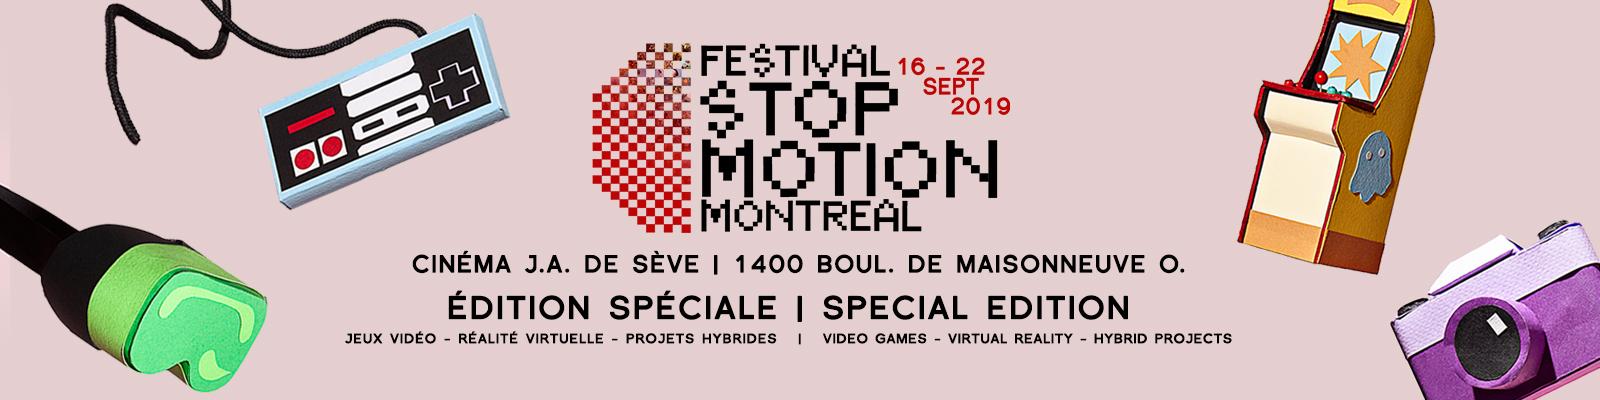 Festival Stop Motion Montréal - 11e Édition